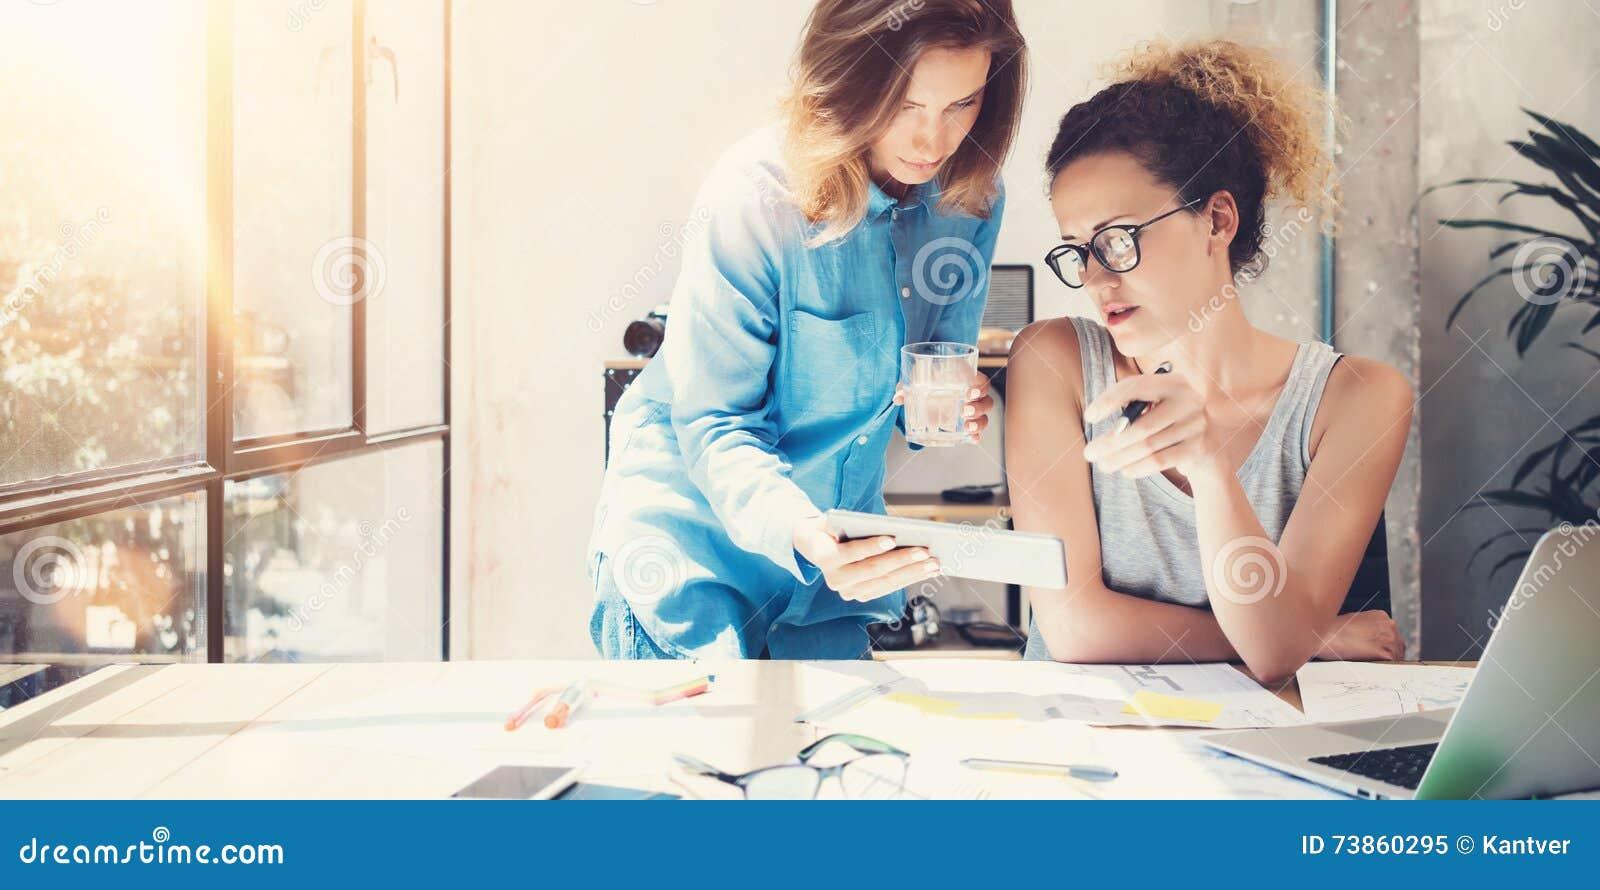 Oficina del desván de Team Work Process Modern Interior de los compañeros de trabajo Productores creativos que hacen grandes deci